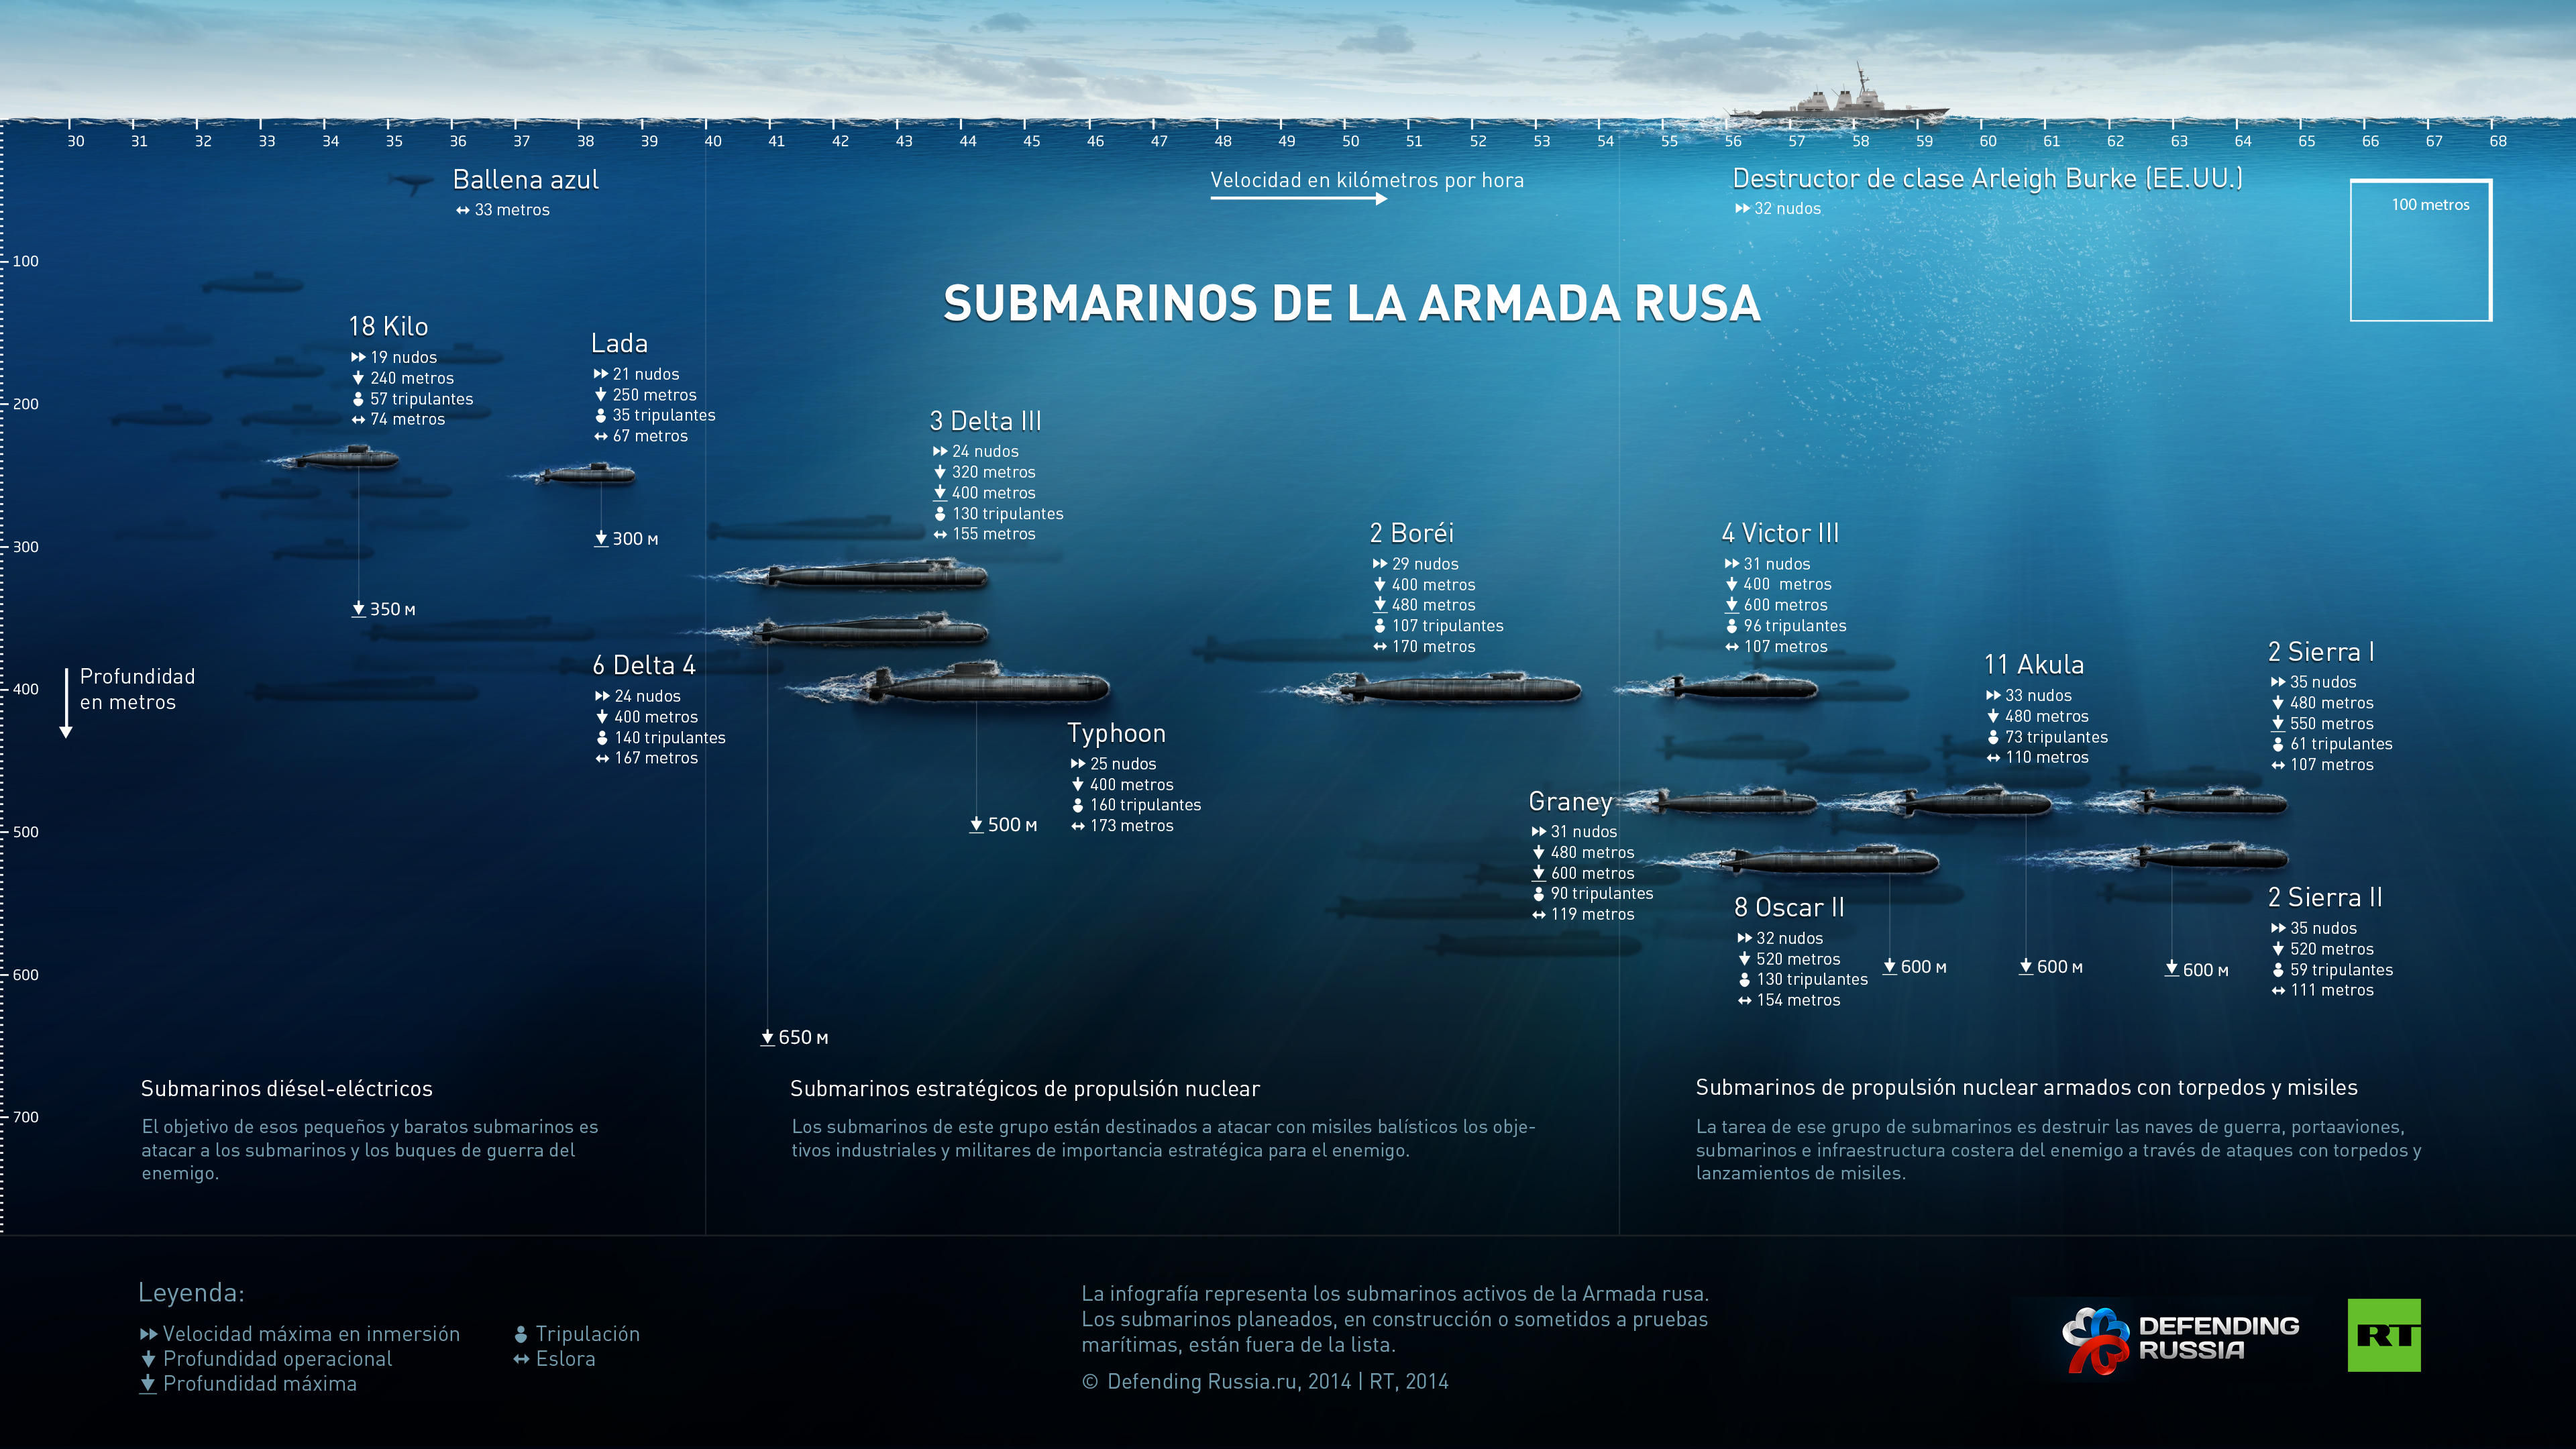 Los submarinos de la Armada rusa